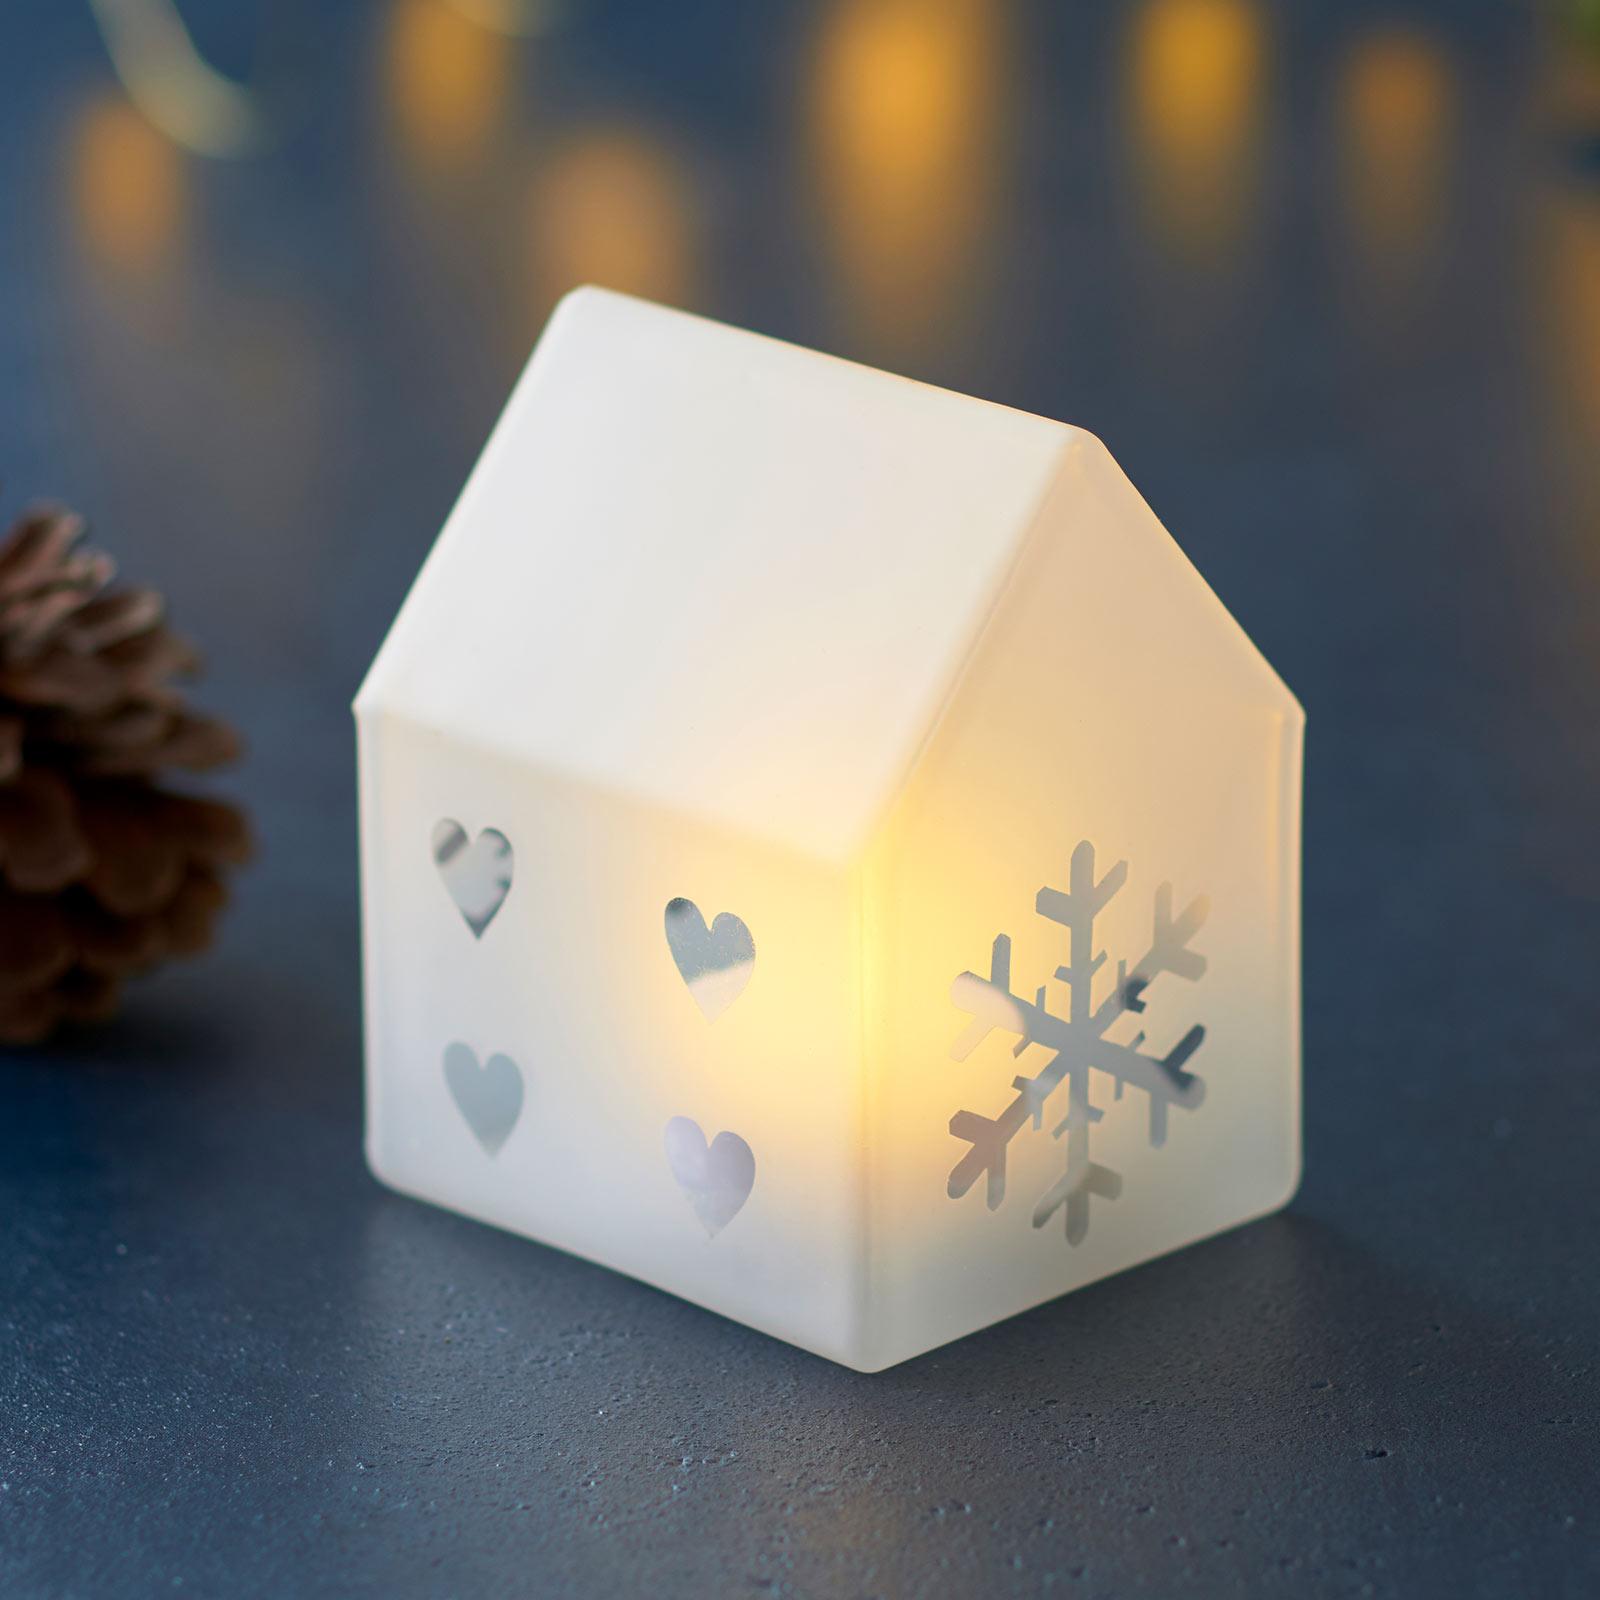 Lampada decorativa LED Santa House, alta 8,5 cm